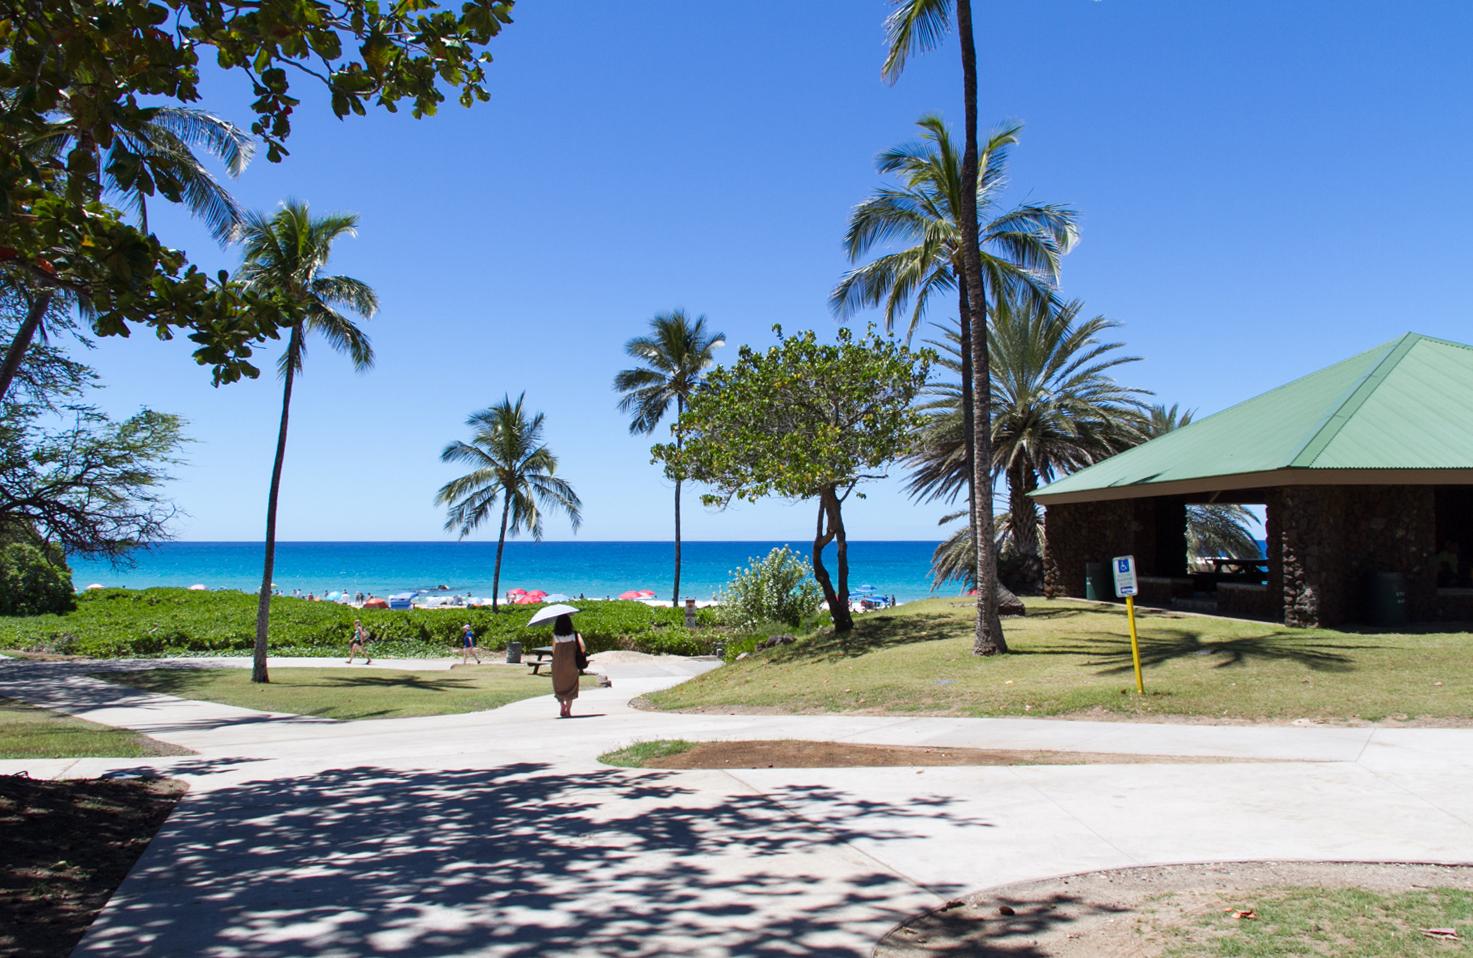 ハワイ島・コナ ビッグアイランド ハプナビーチ